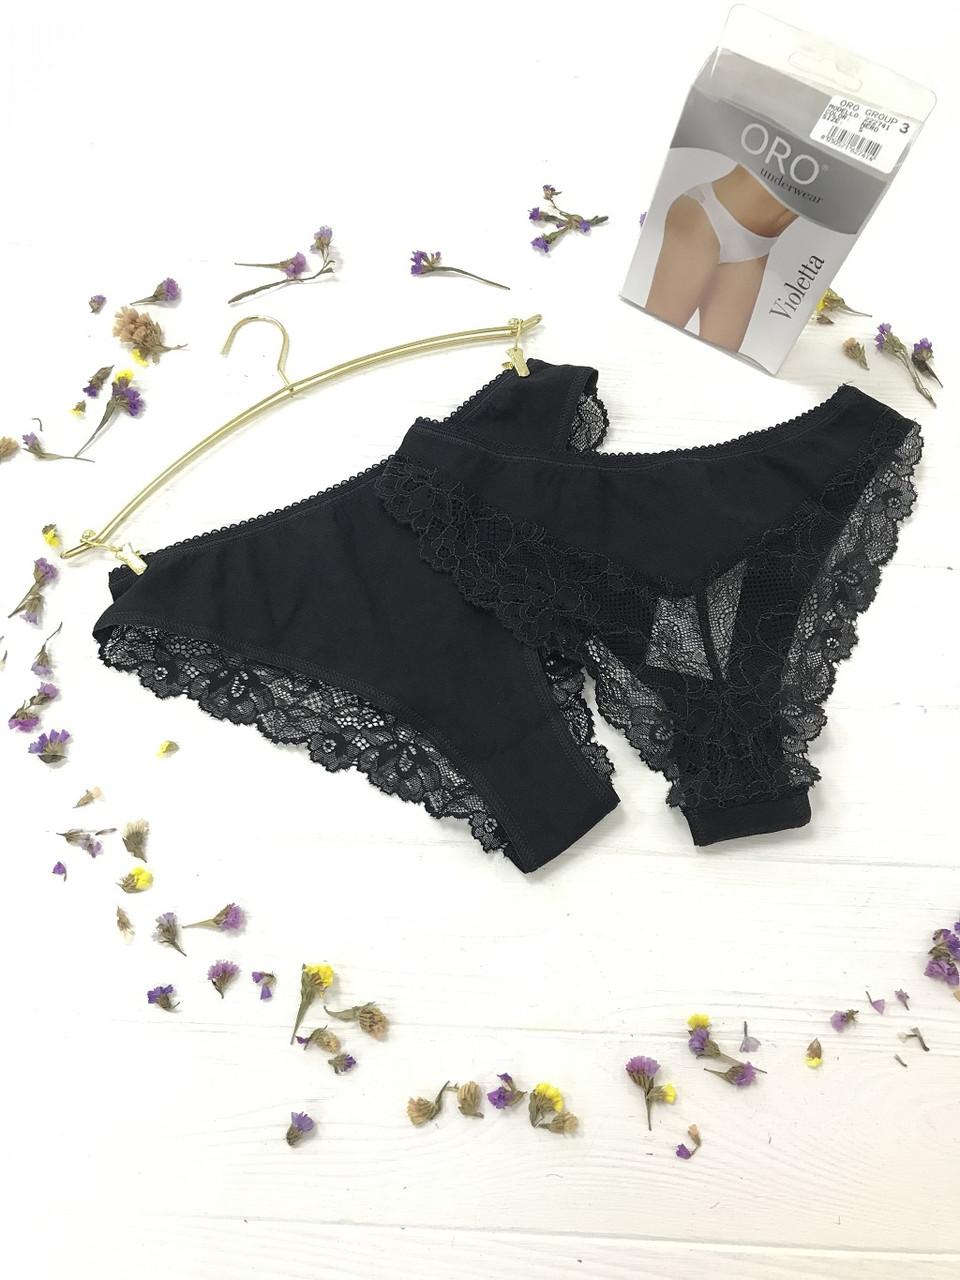 Violetta трусики жіночі чорні (1шт) Oro (S) #N/A